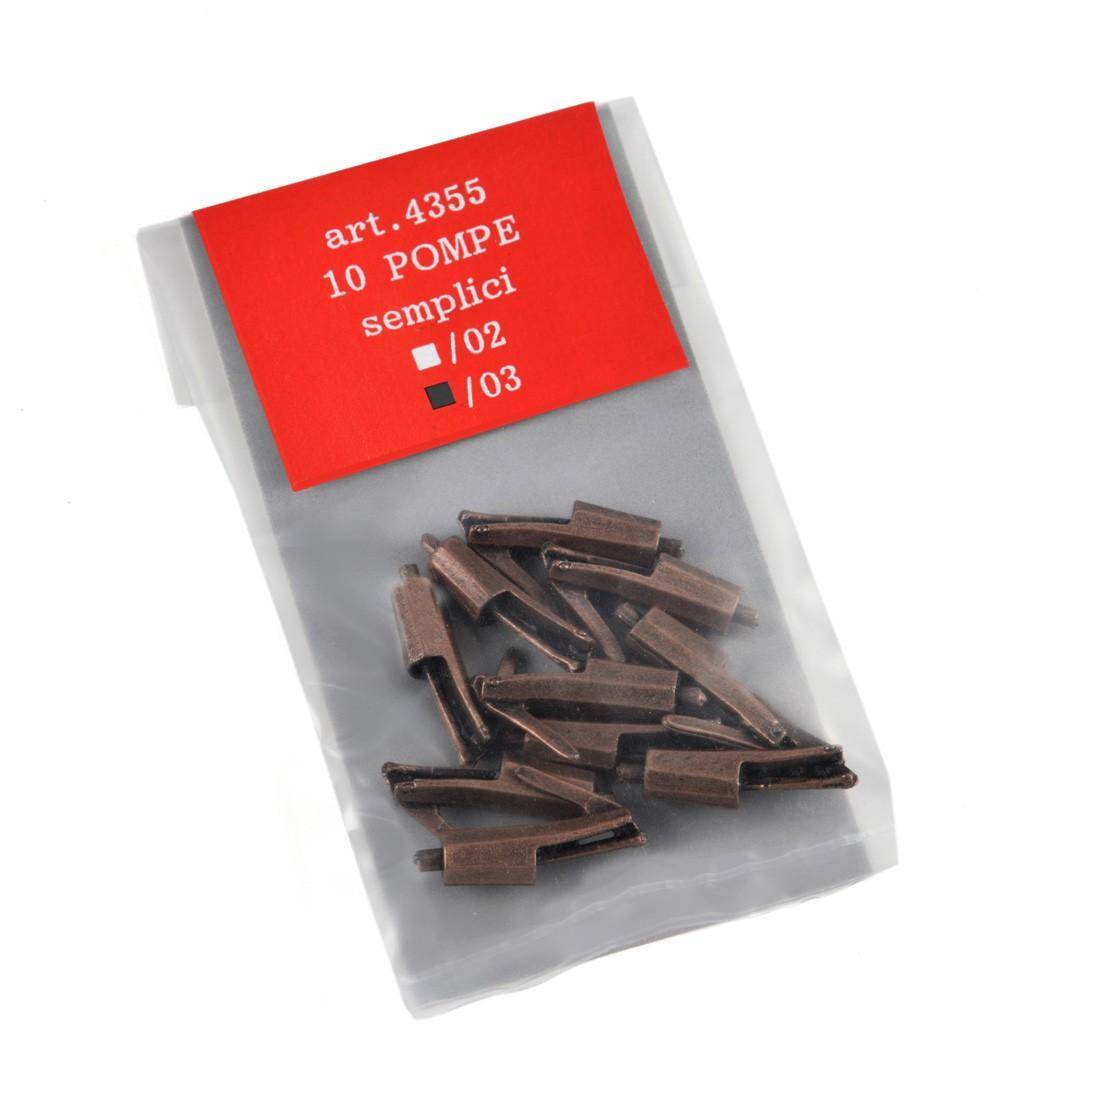 Pompes simple métal mm. 18